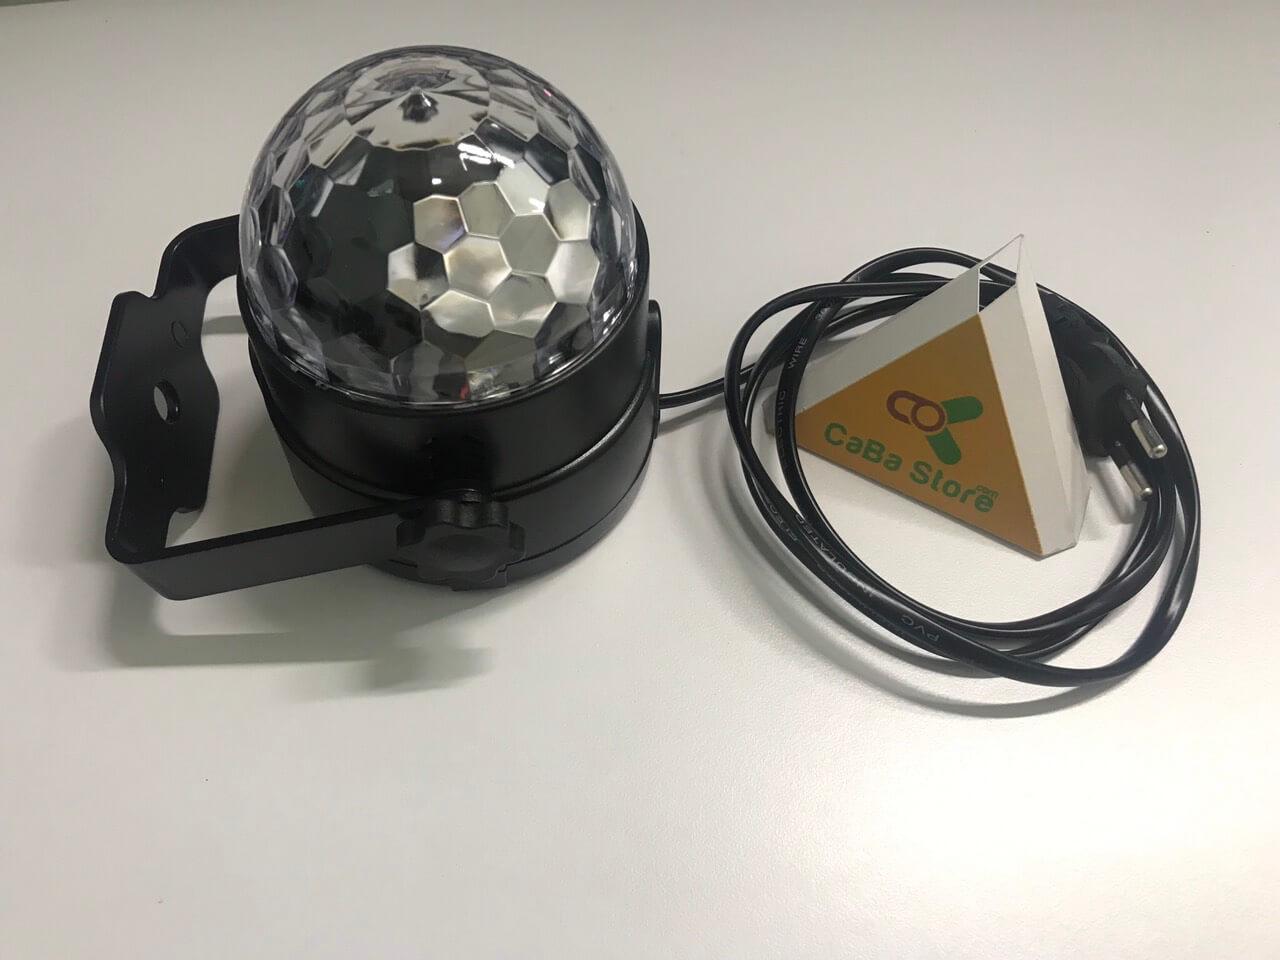 Đèn vũ trường chớp theo nhạc Magic Ball Mini | CaBa Store